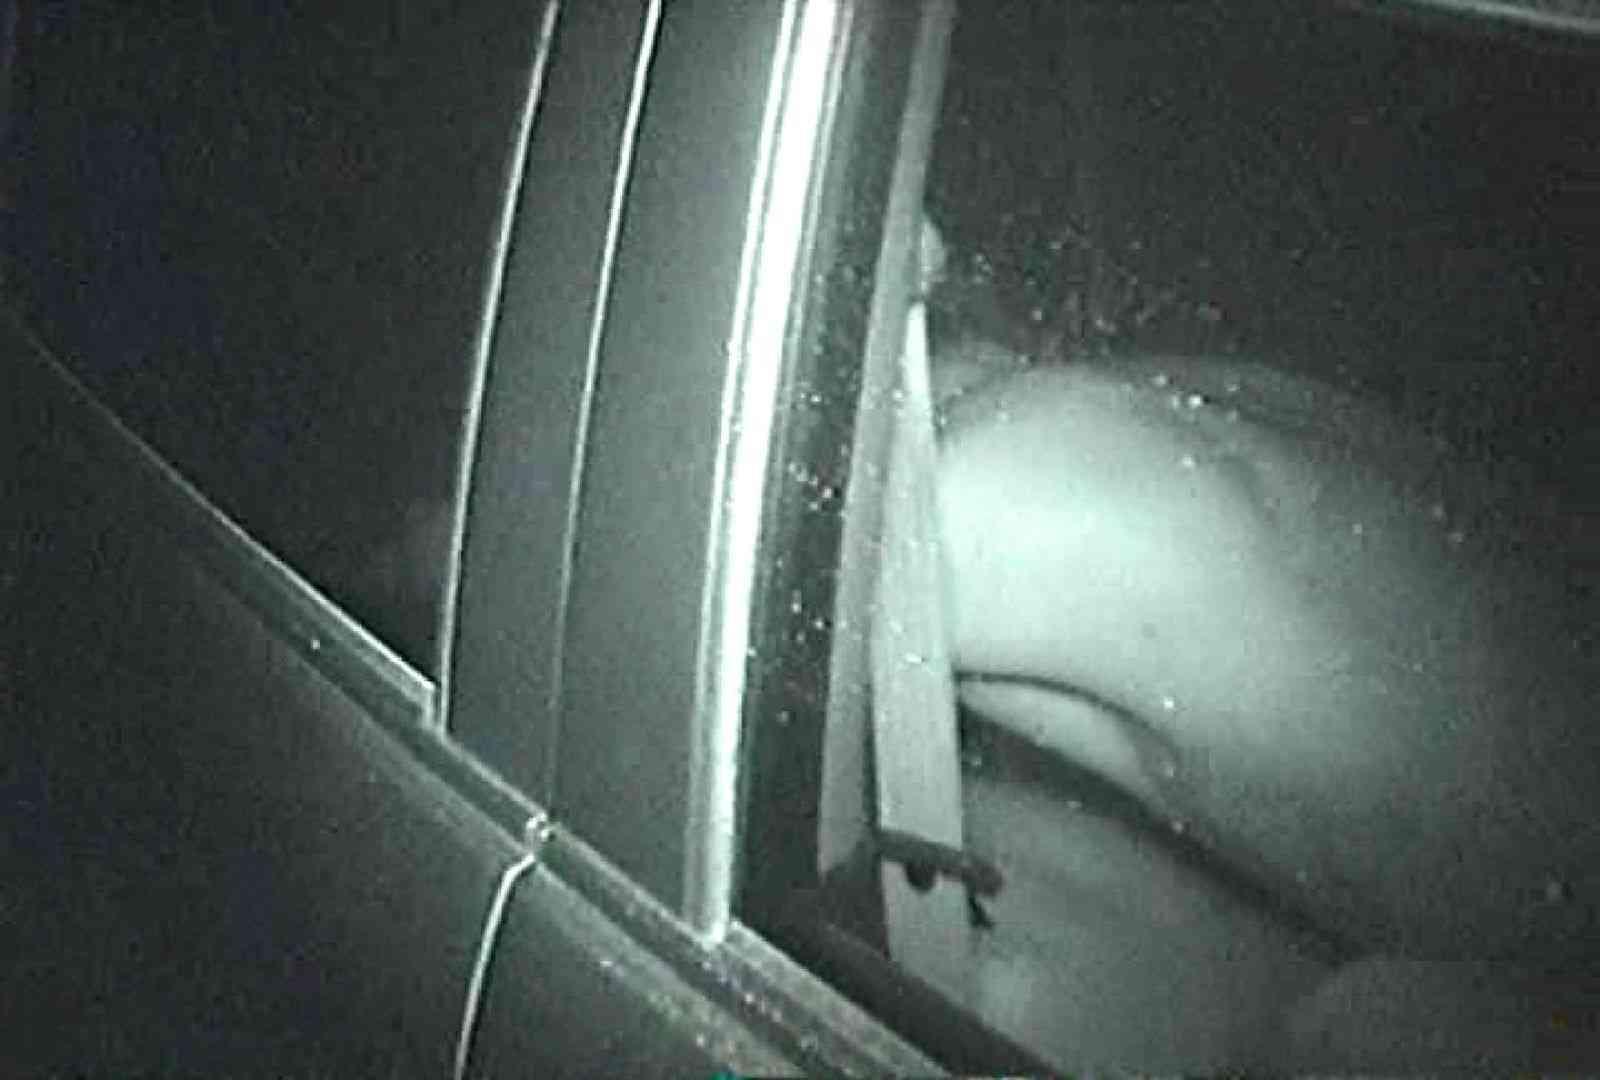 充血監督の深夜の運動会Vol.61 エロティックなOL オマンコ動画キャプチャ 102画像 86